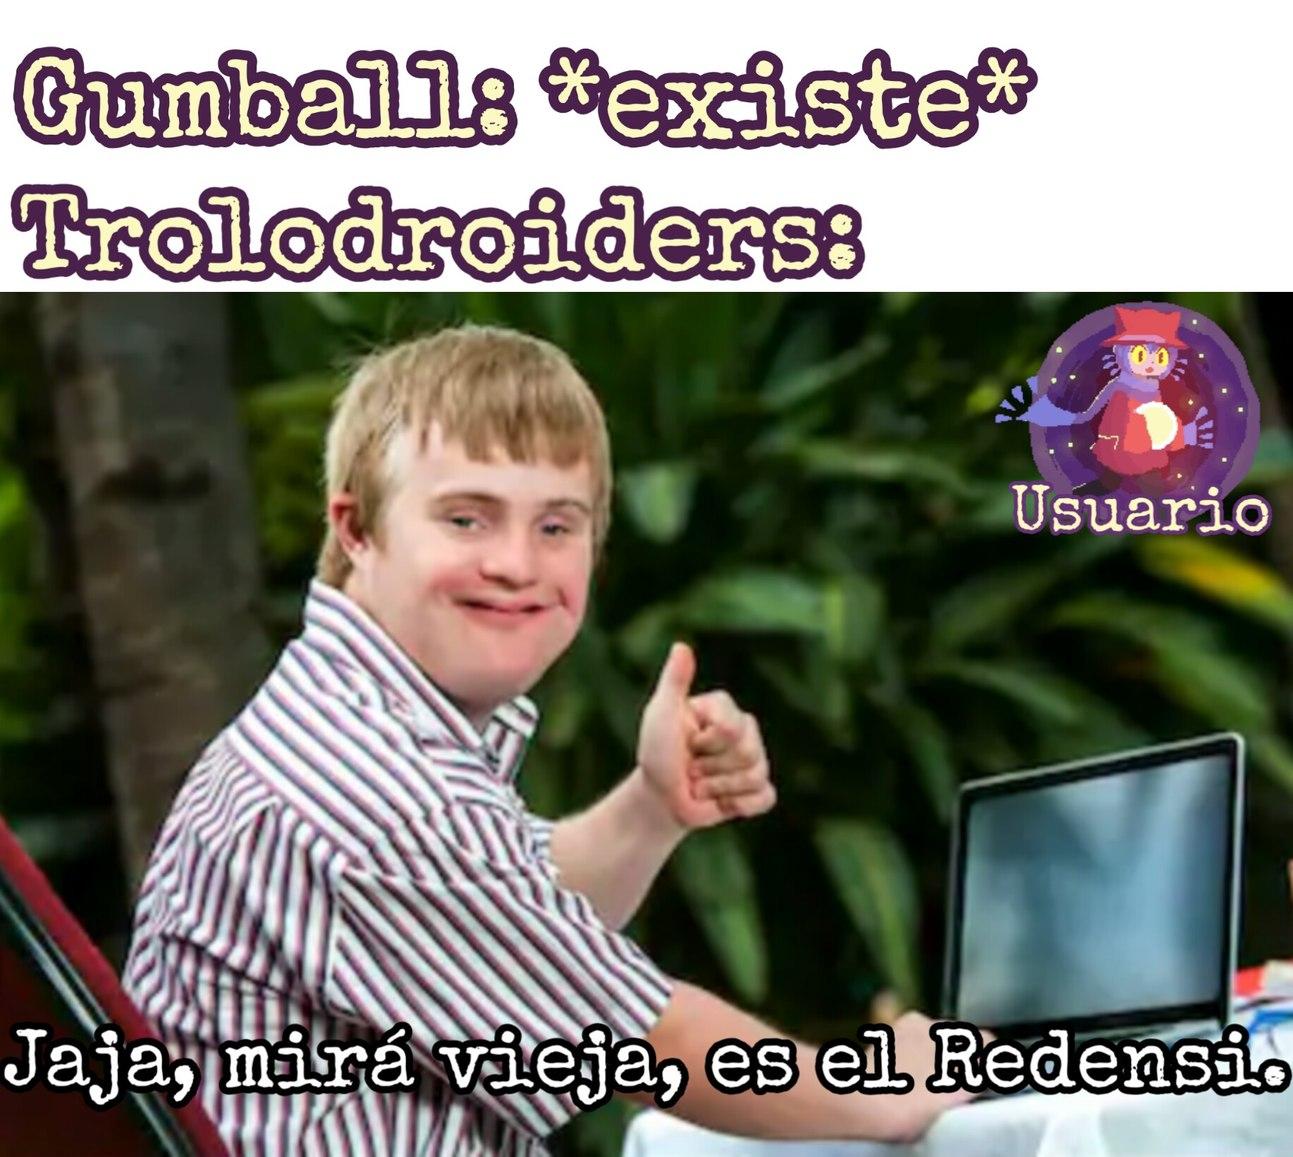 Jaja, mirá vieja es el Redensi. :genius: - meme